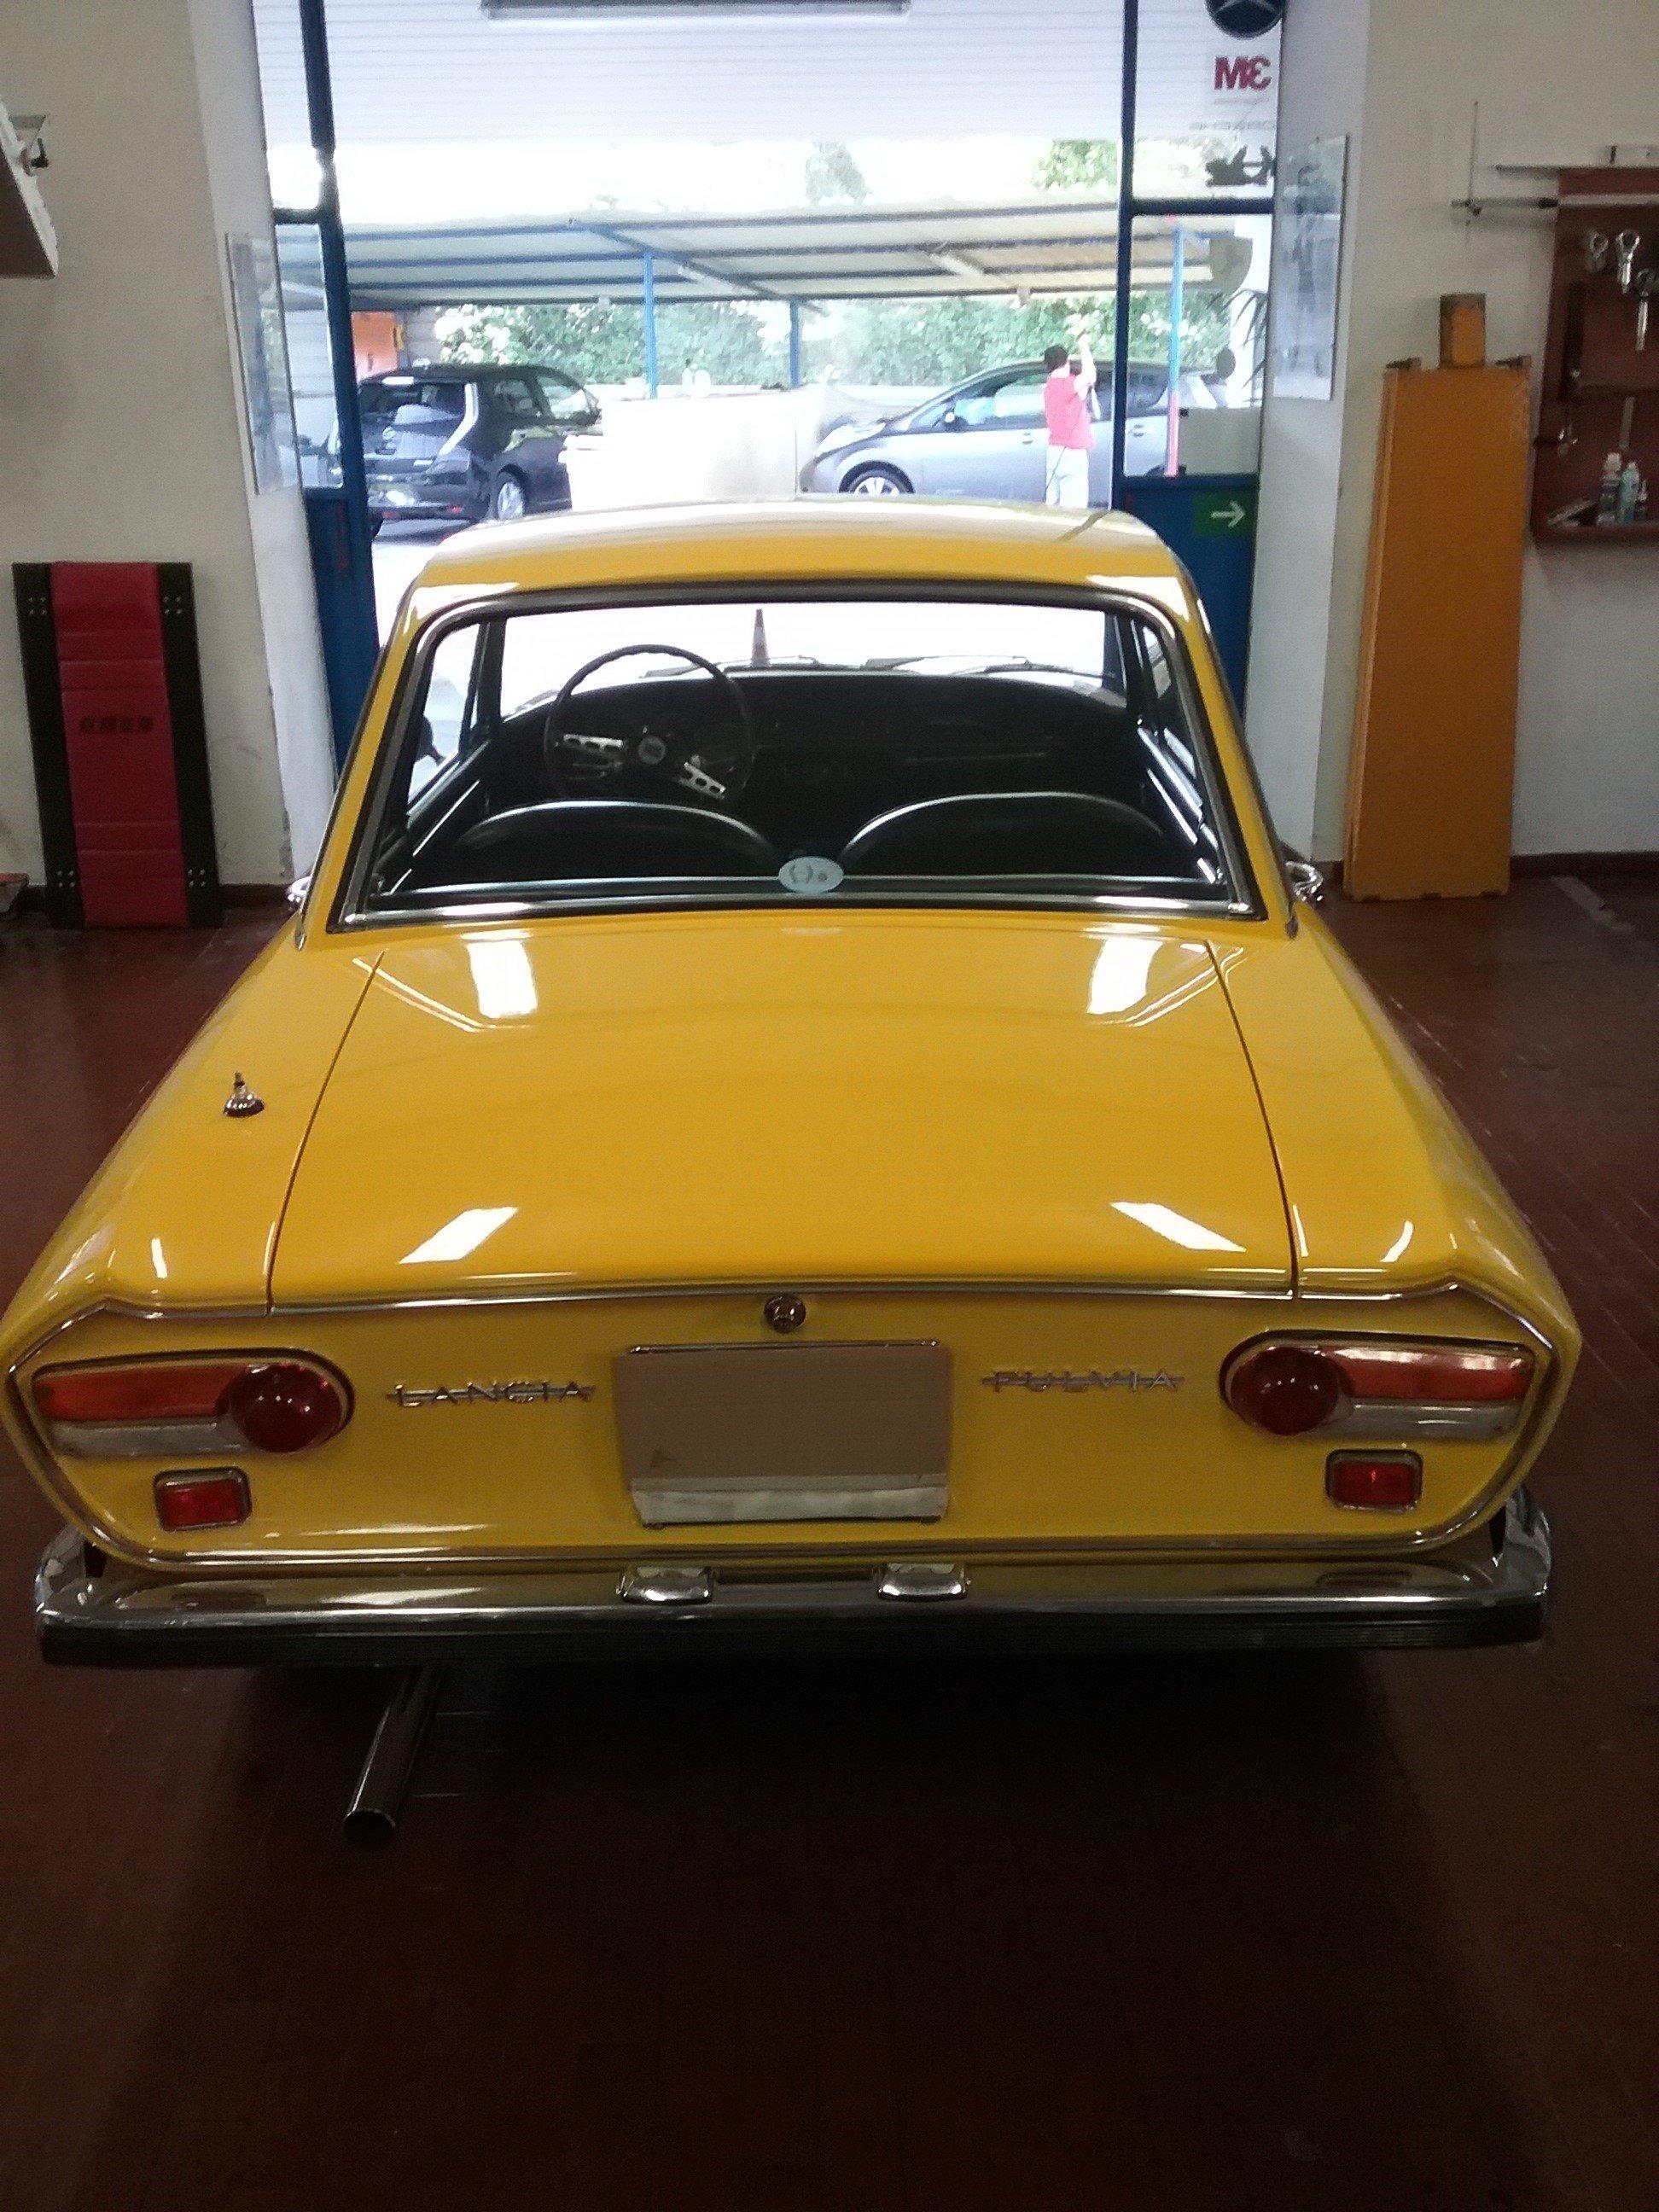 Auto d'epoca gialla vista da dietro